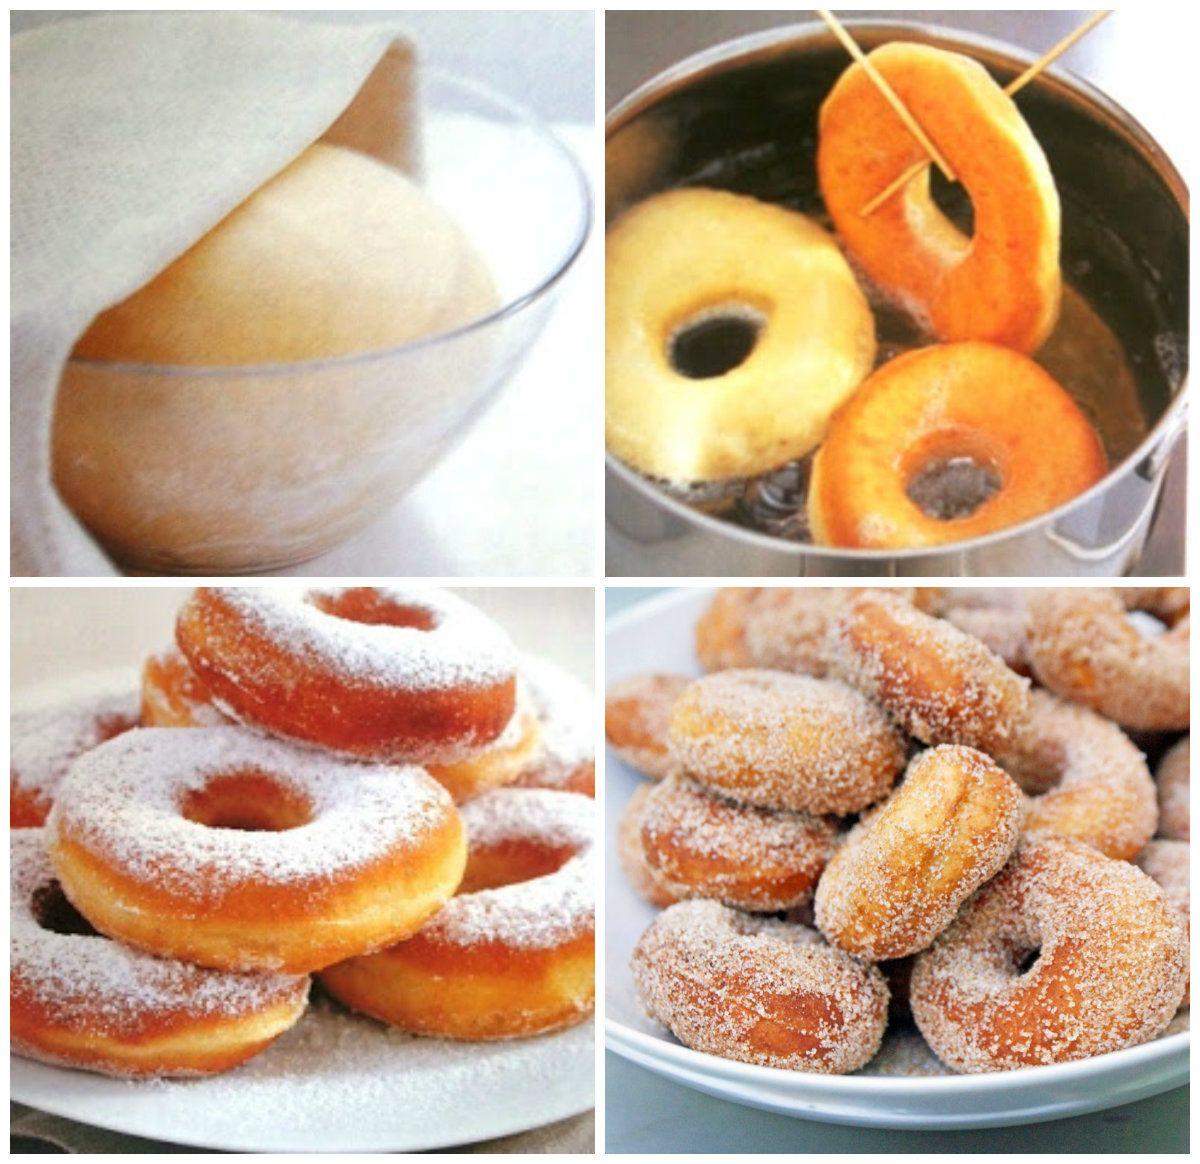 Doughnuts ou Donuts de Creme de Leite Azedo Ingredientes 440 g de farinha de trigo 1 colher de chá de  sal 1 pitada de noz-moscada ralada 1 colher de sopa de fermento em pó 2 ovos médios ( 100 g no total ) 250 g de açúcar 200 g de creme de leite azedo ( sour cream ) 3 colheres de sopa de leite integral 45 g de manteiga sem sal, derretida